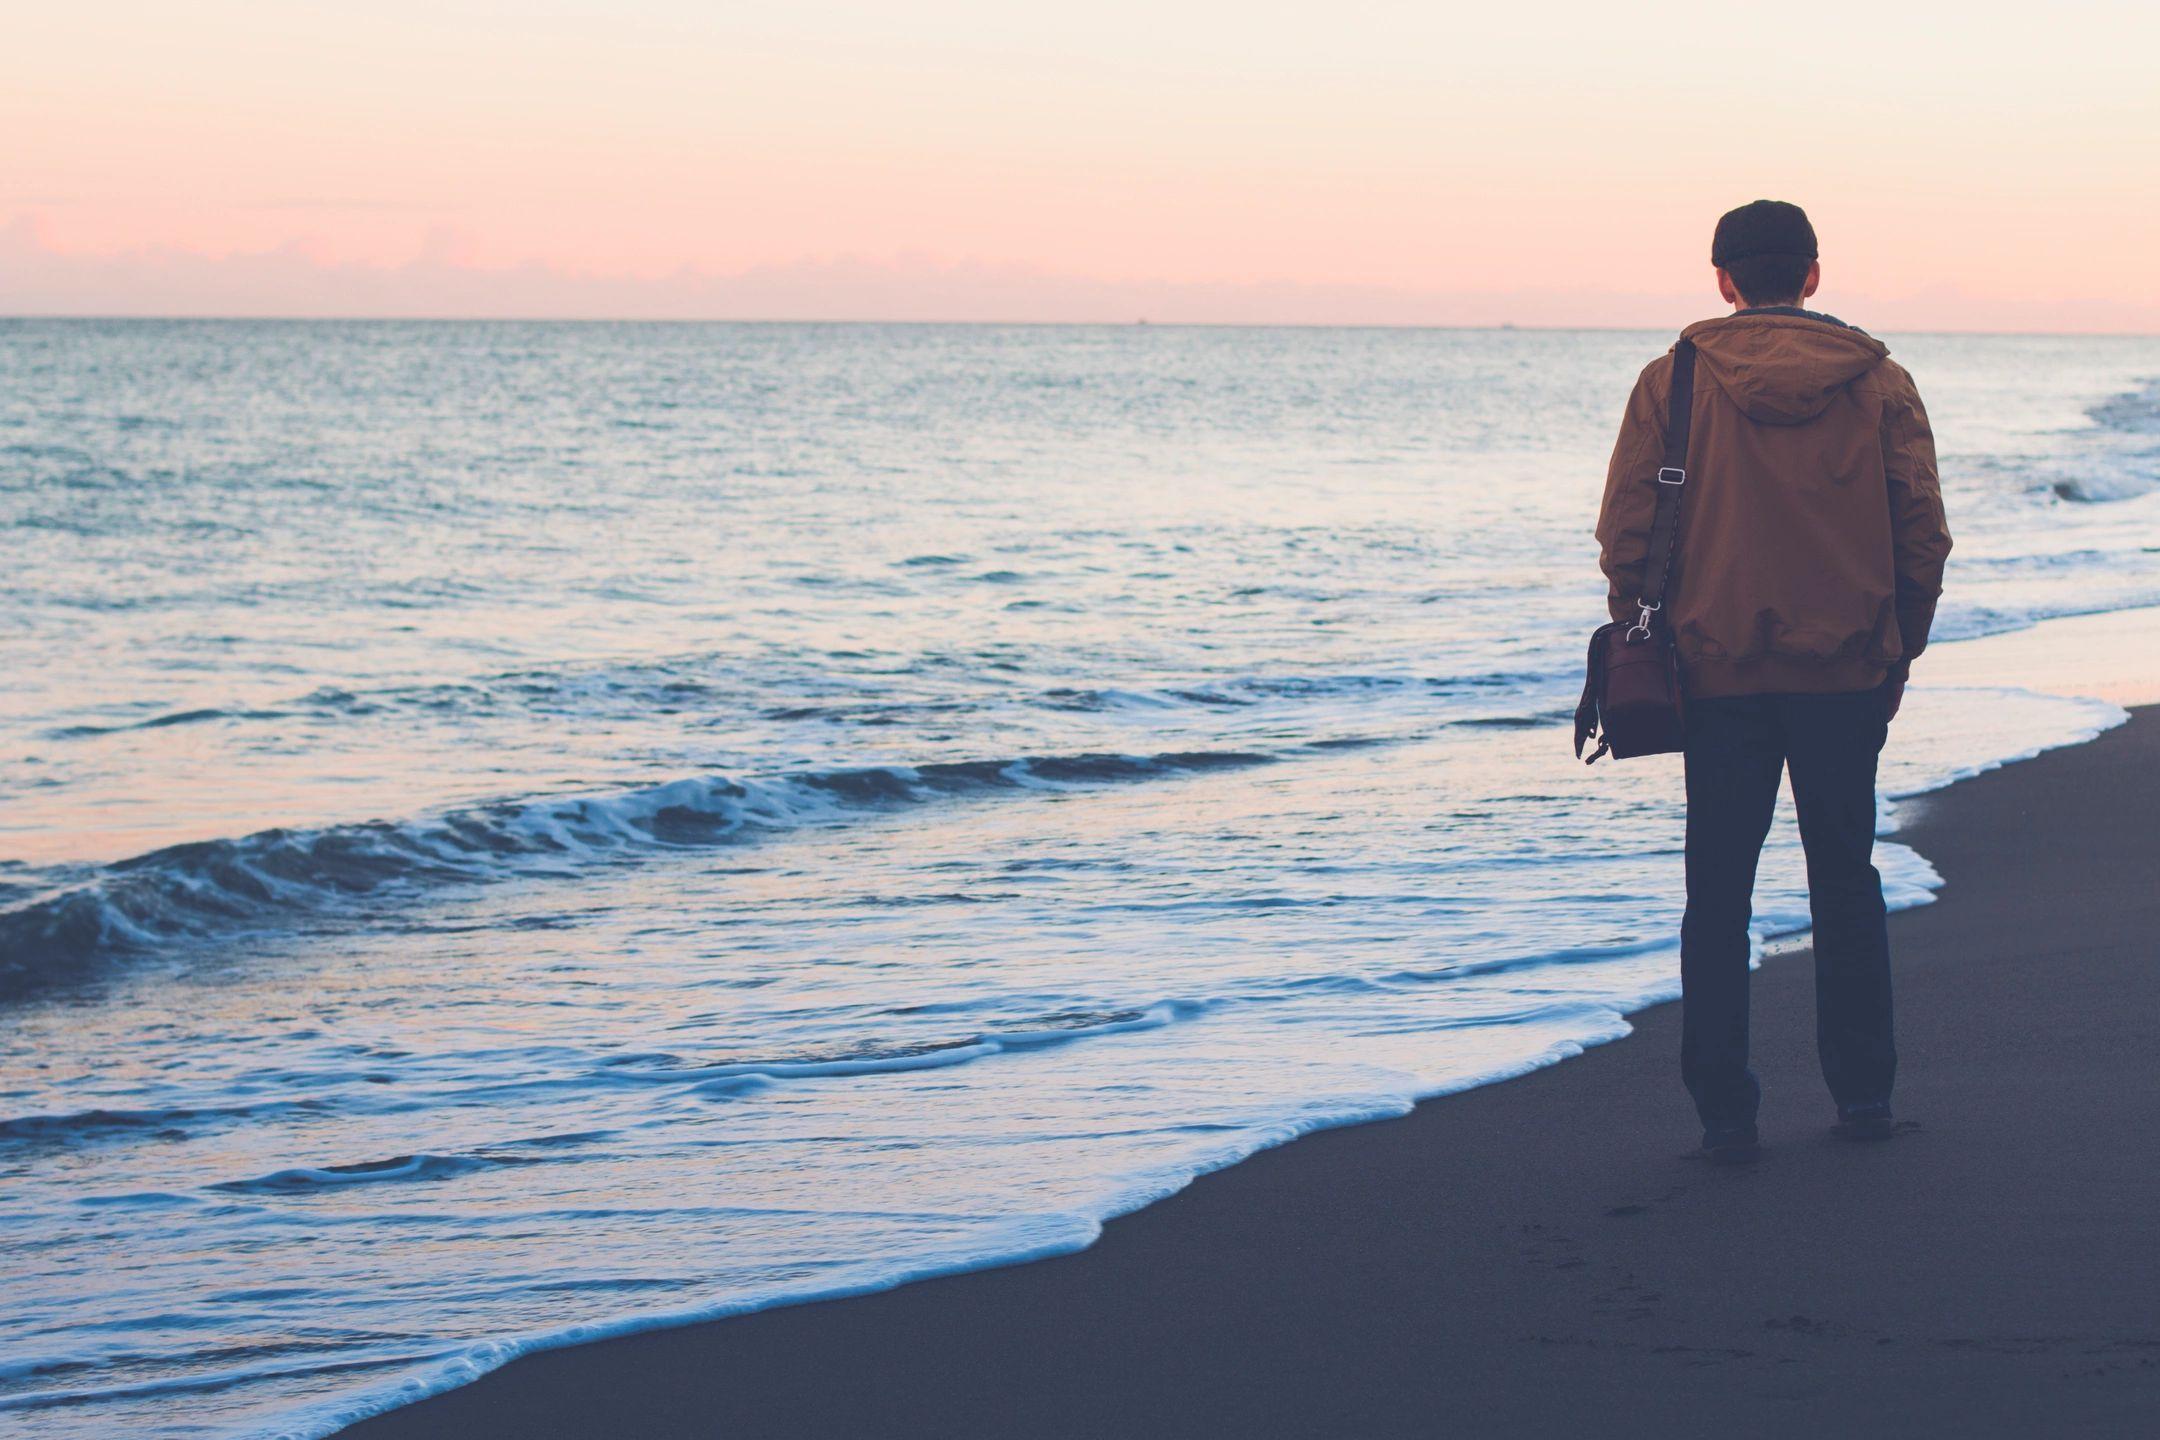 a man at a beach